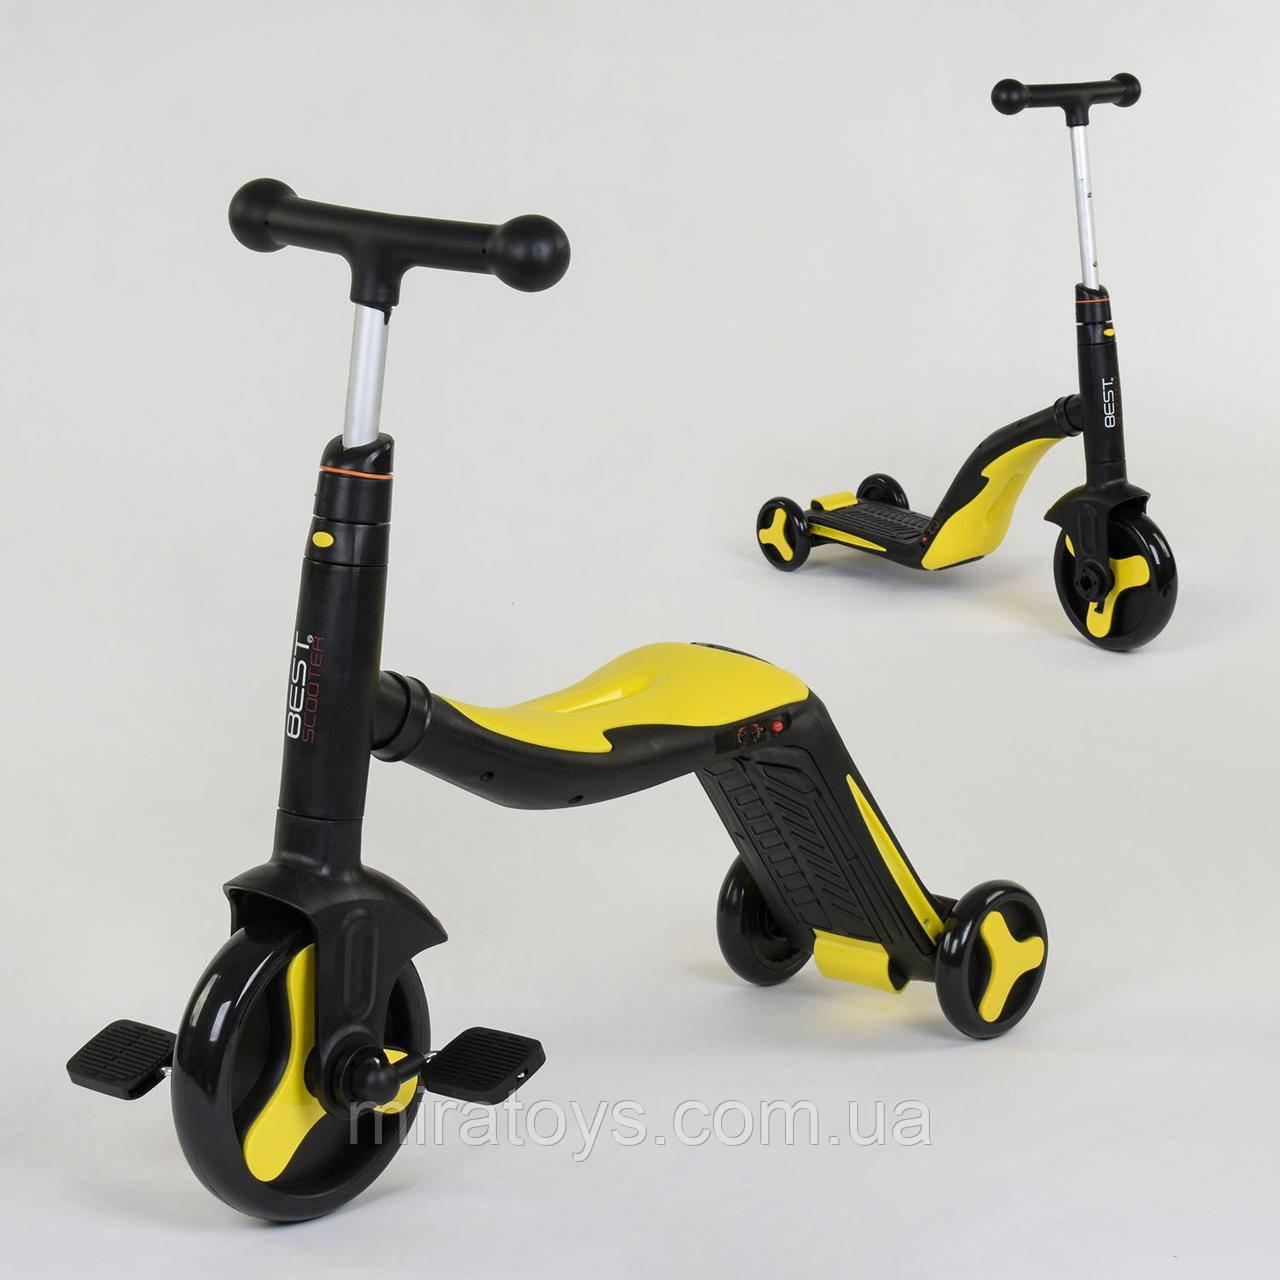 Самокат-велобег-велосипед детский best scooter 3в1 со светом и музыкой 10993